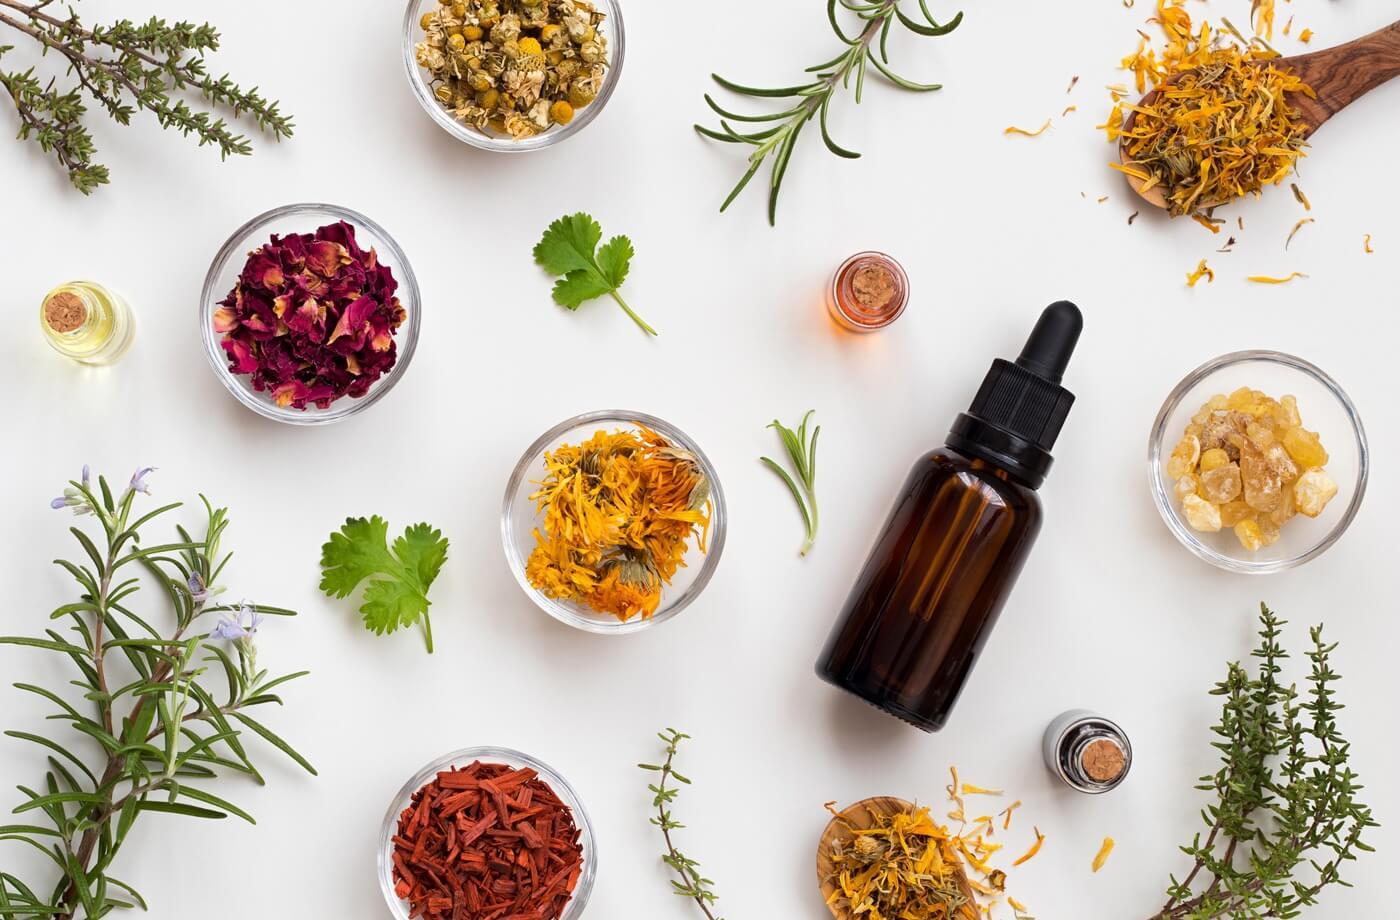 Лечение маслами и травами